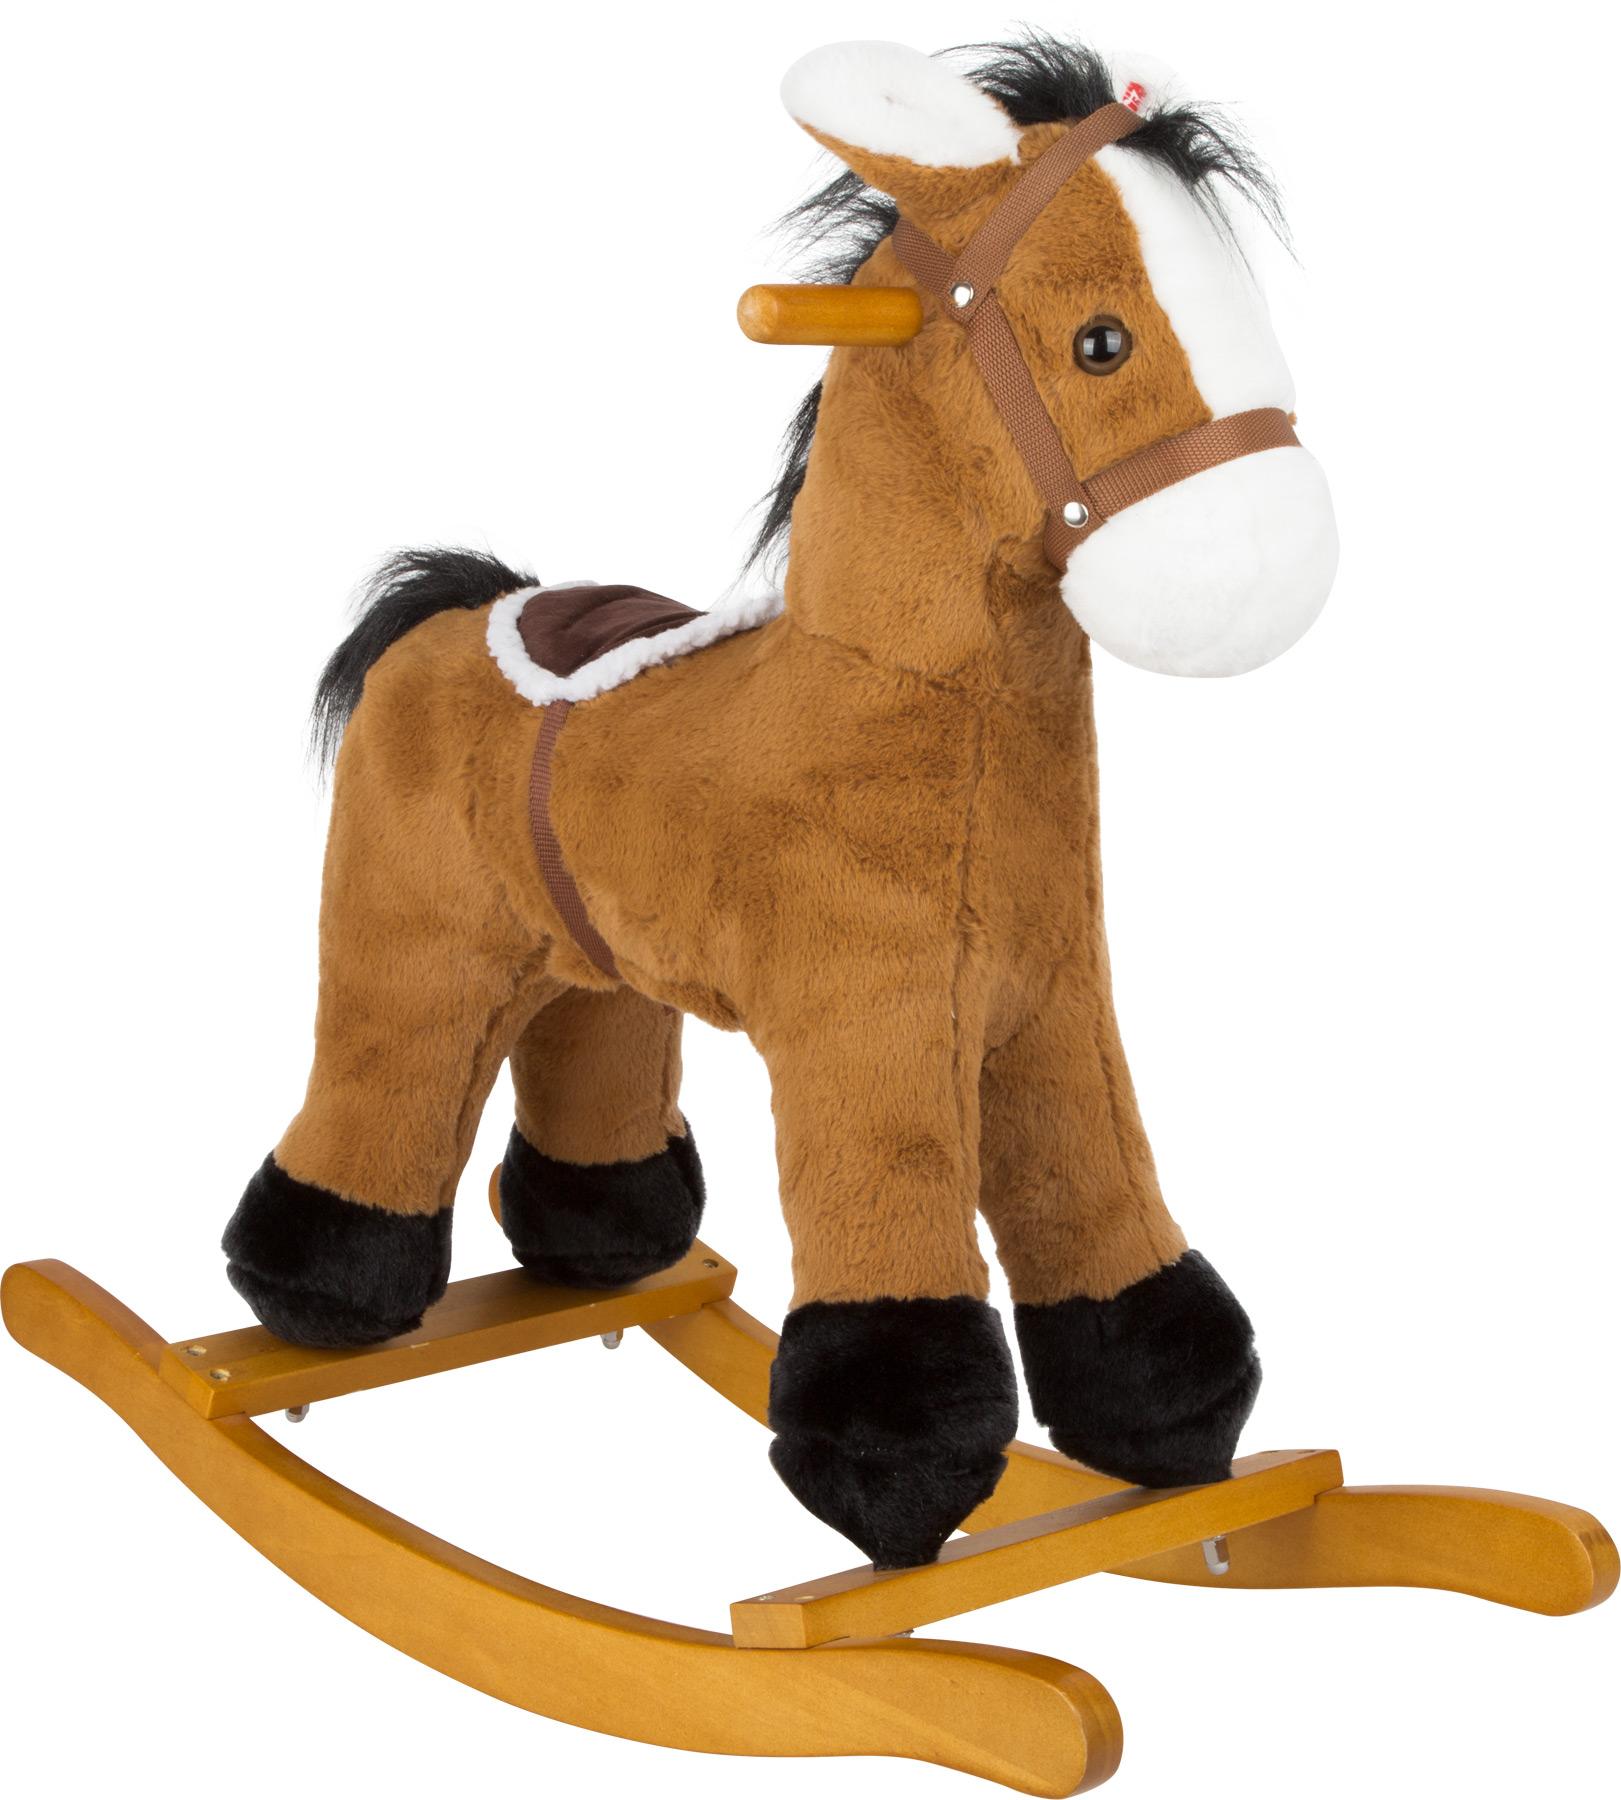 frisch pferde spielzeug zum selber machen tierspielzeug. Black Bedroom Furniture Sets. Home Design Ideas